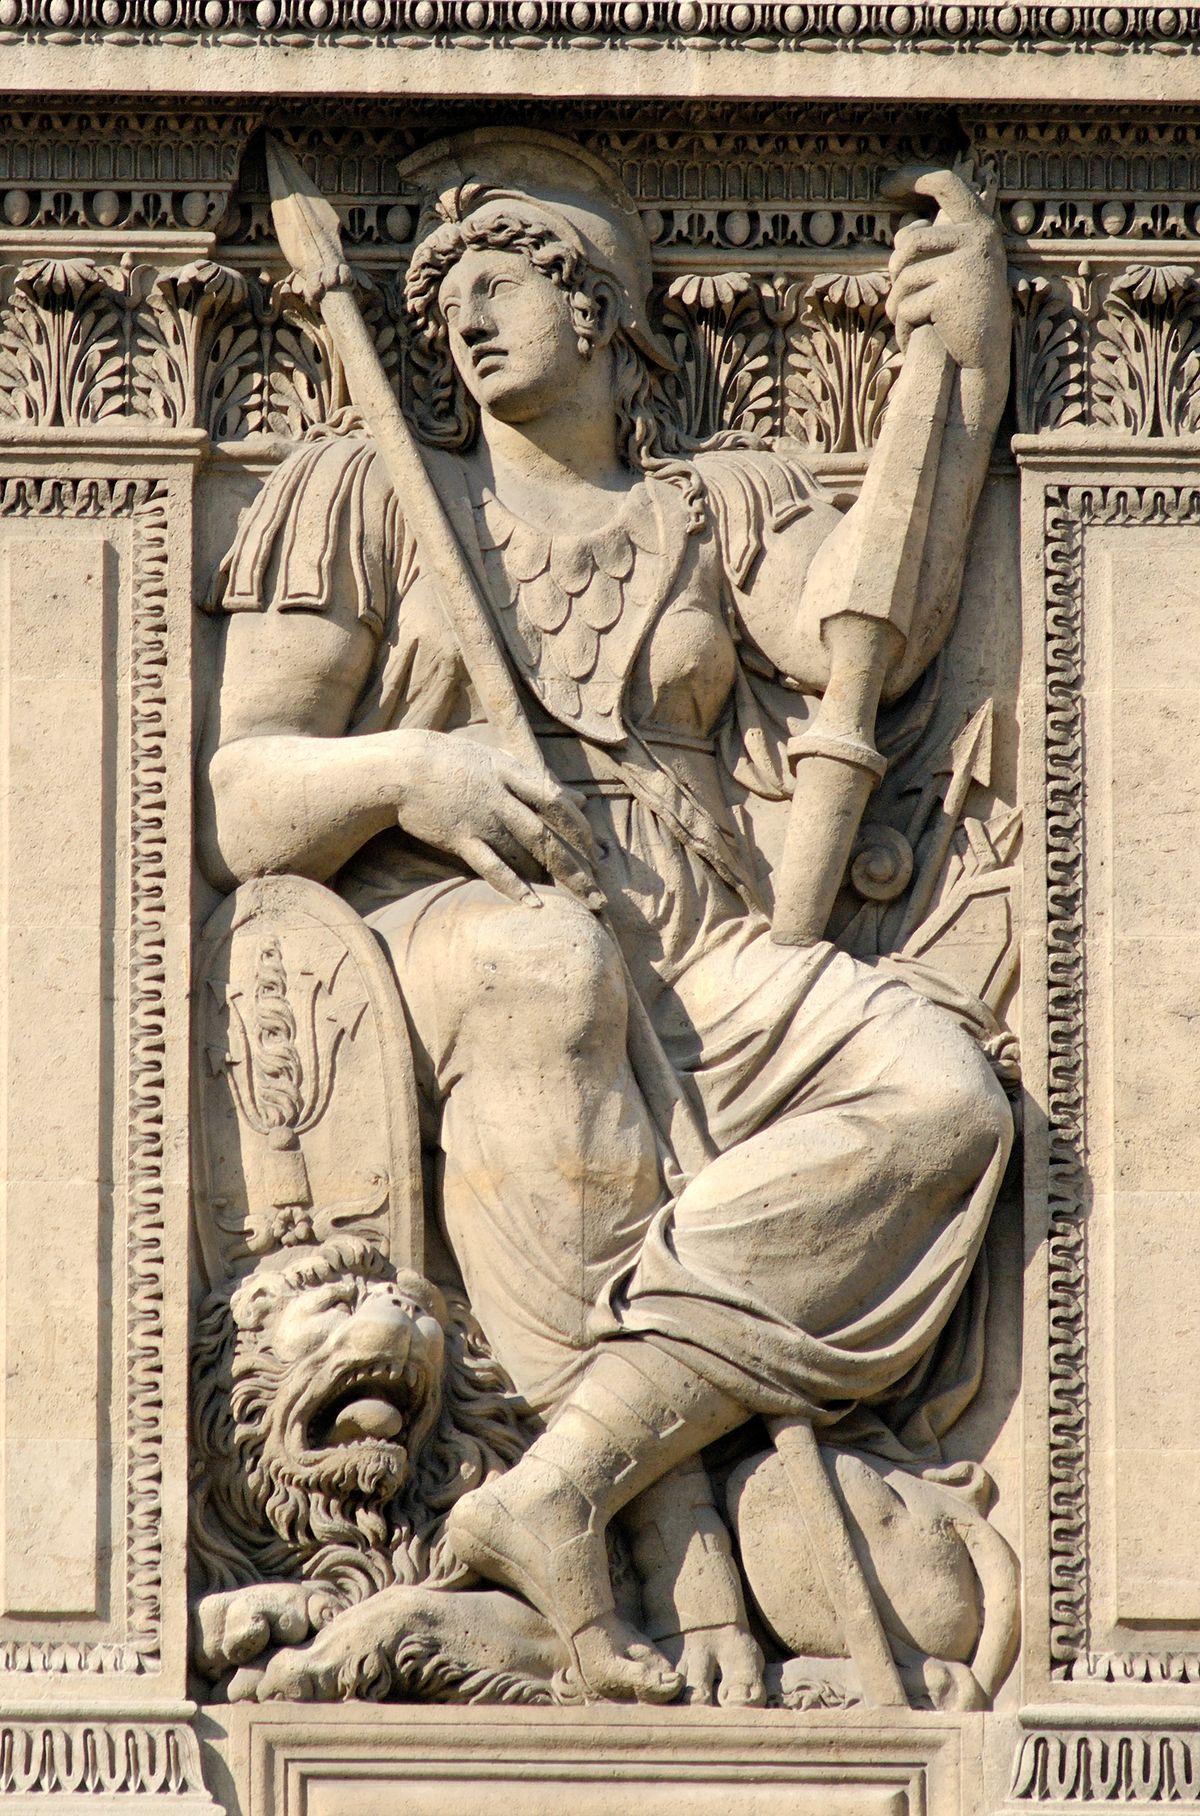 Enyo Mytologi Wikipedia